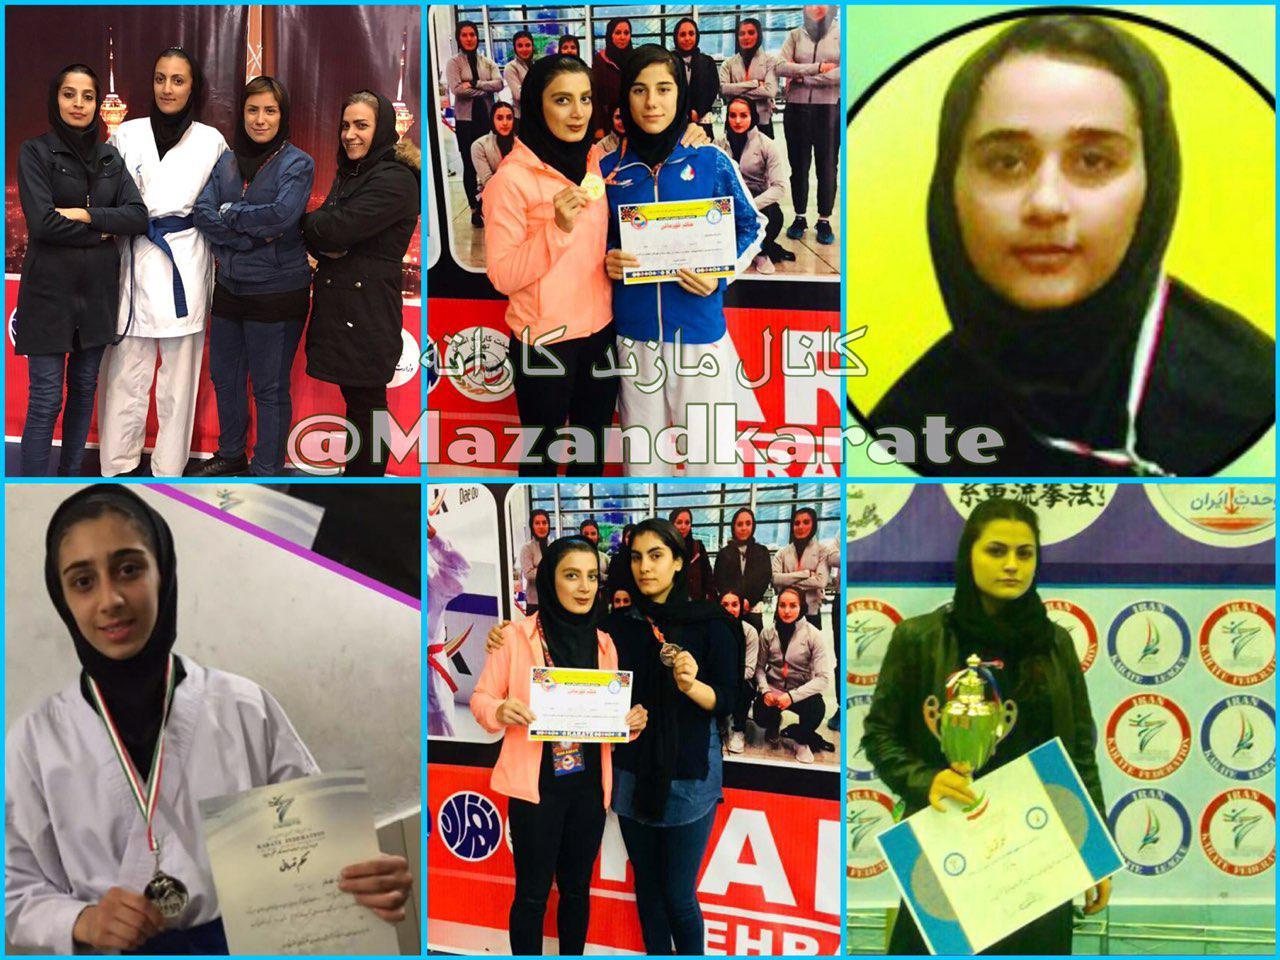 شش مدال رنگارنگ اميدهاى دختر مازندران در انتخابى تهران/يك طلا گرفتيم، نائب قهرمان شديم